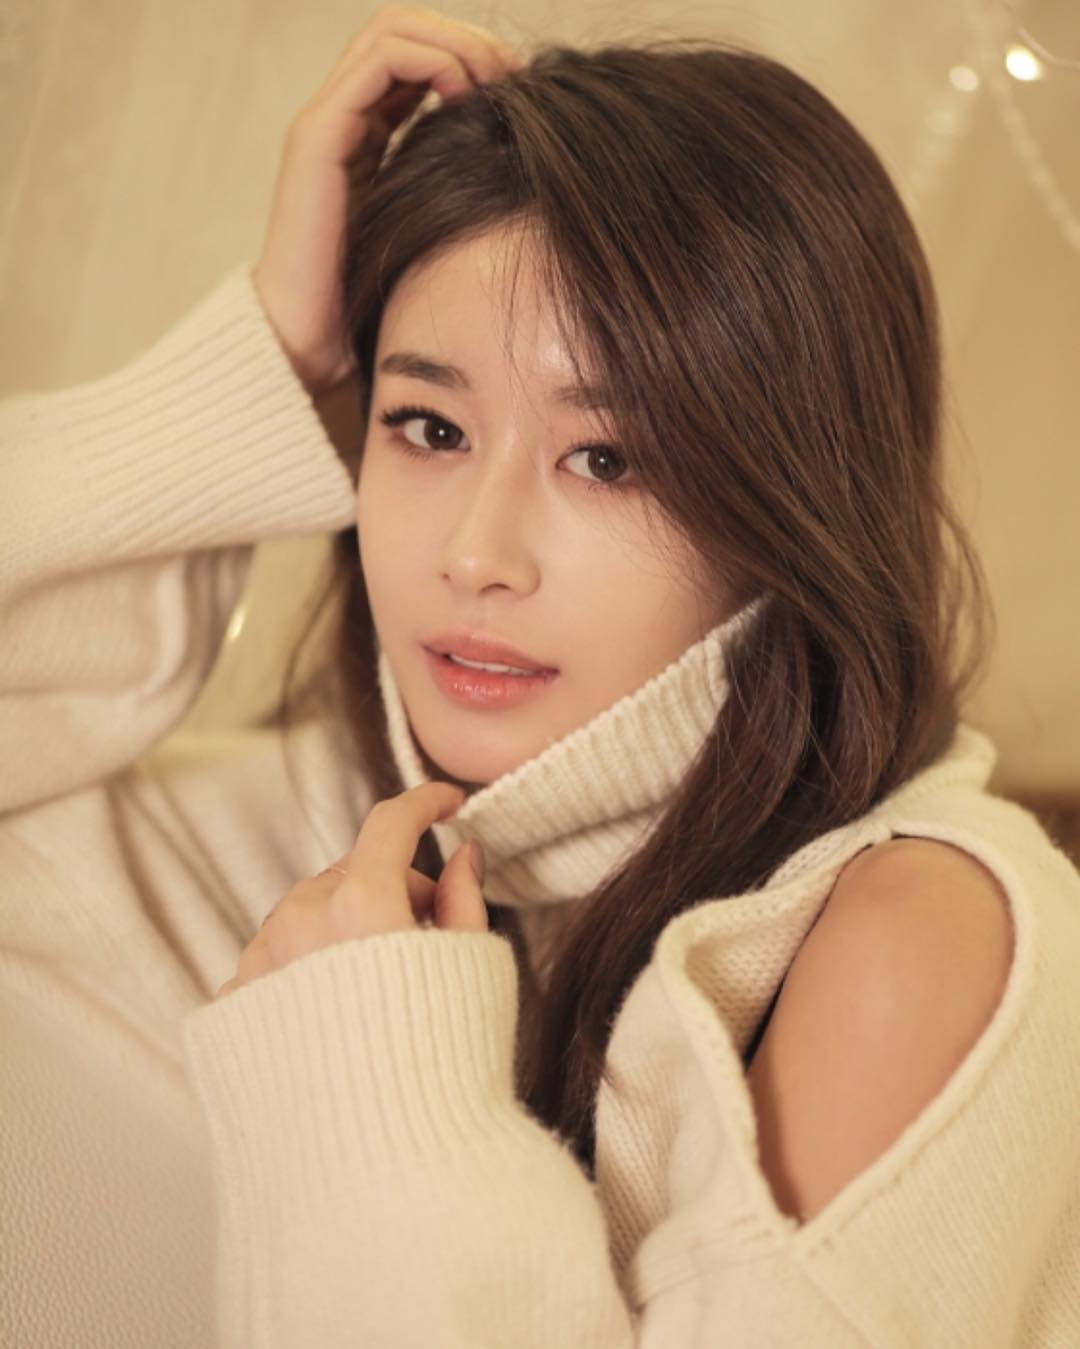 簽約新東家Partners Park娛樂後,日前宣布將在12月22日公開她的個人單曲《One Day》,也期待T-ARA再合體回歸!